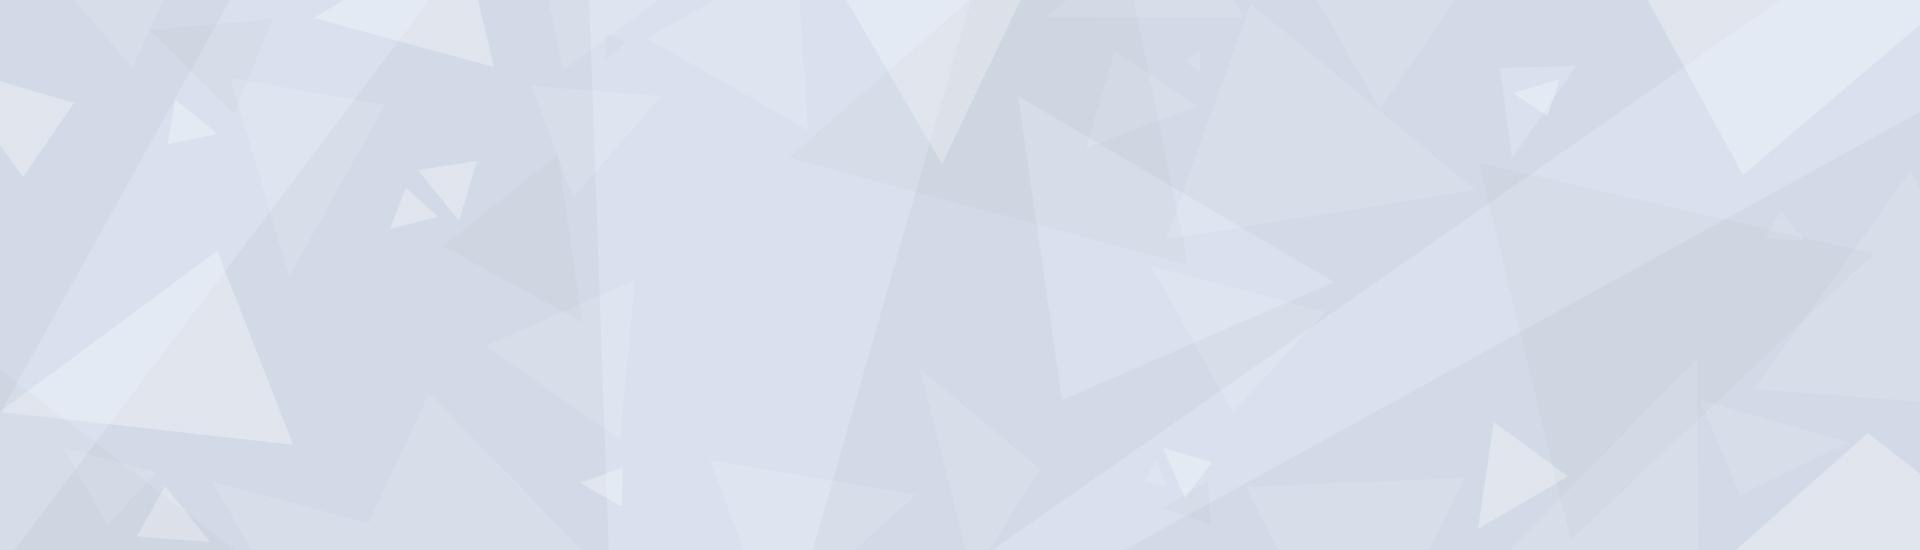 xenyztw - VSLeague Online eSport